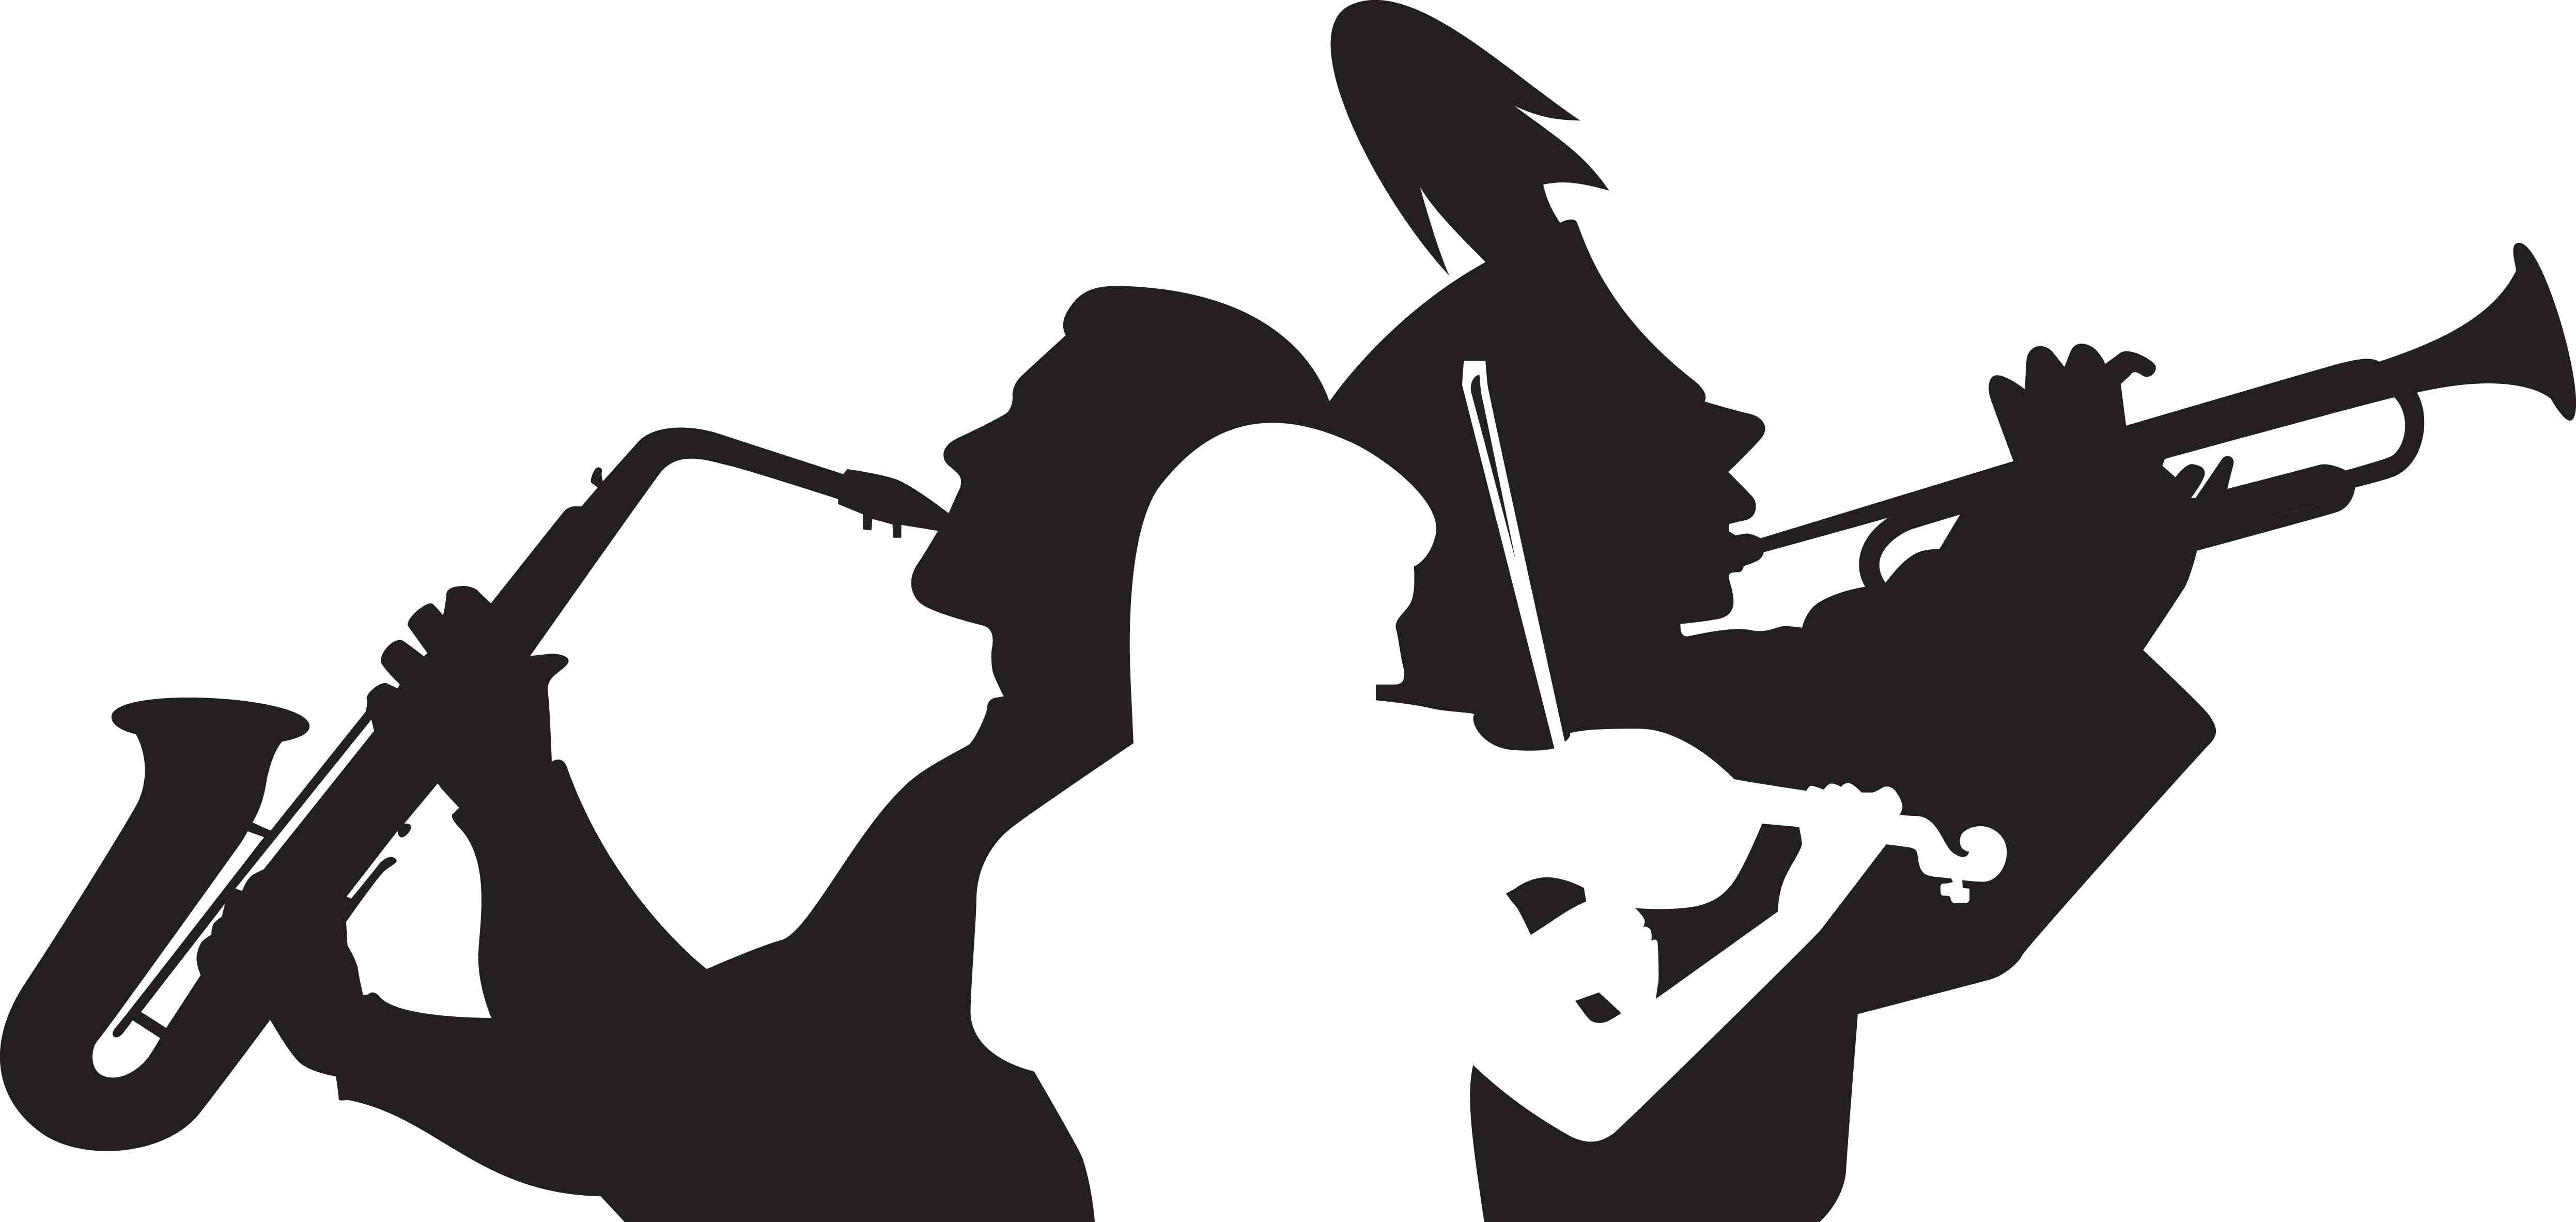 Music Clip Art Band - ClipArt Best